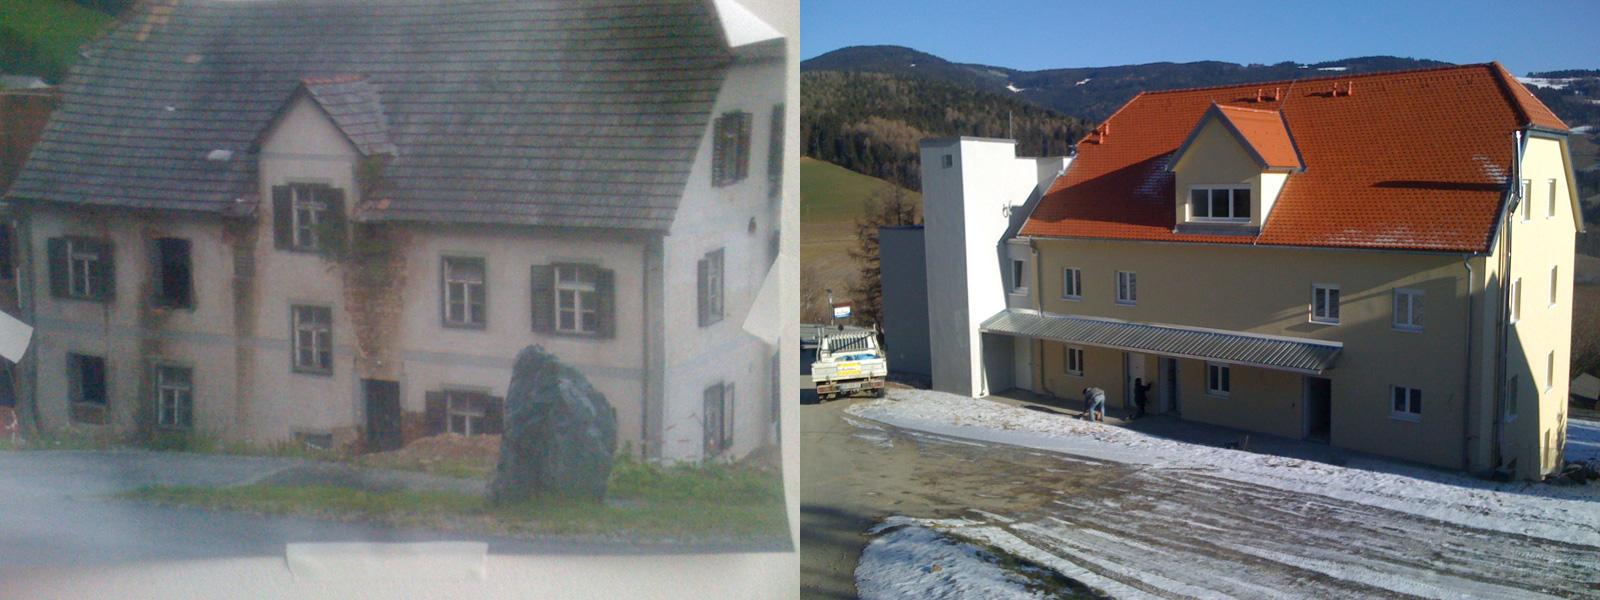 Umfassende Sanierung – Betreutes Wohnen Pöllauberg